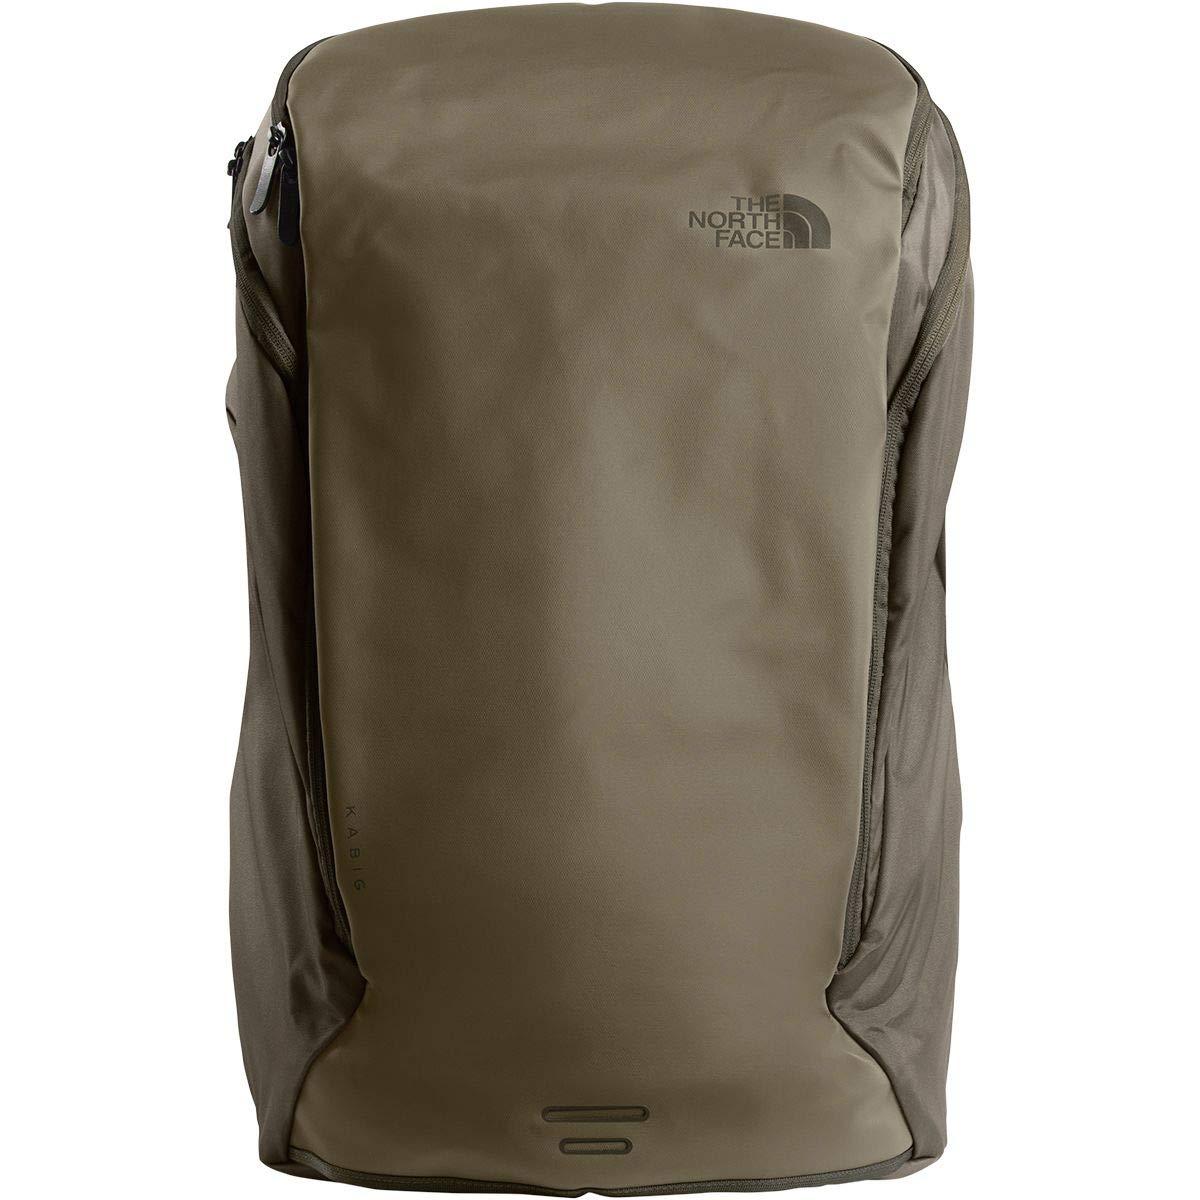 (ザノースフェイス) The North Face Kabig 41L Backpackメンズ バックパック リュック New Taupe Green/Tnf Black [並行輸入品]   B07L4MP4FR